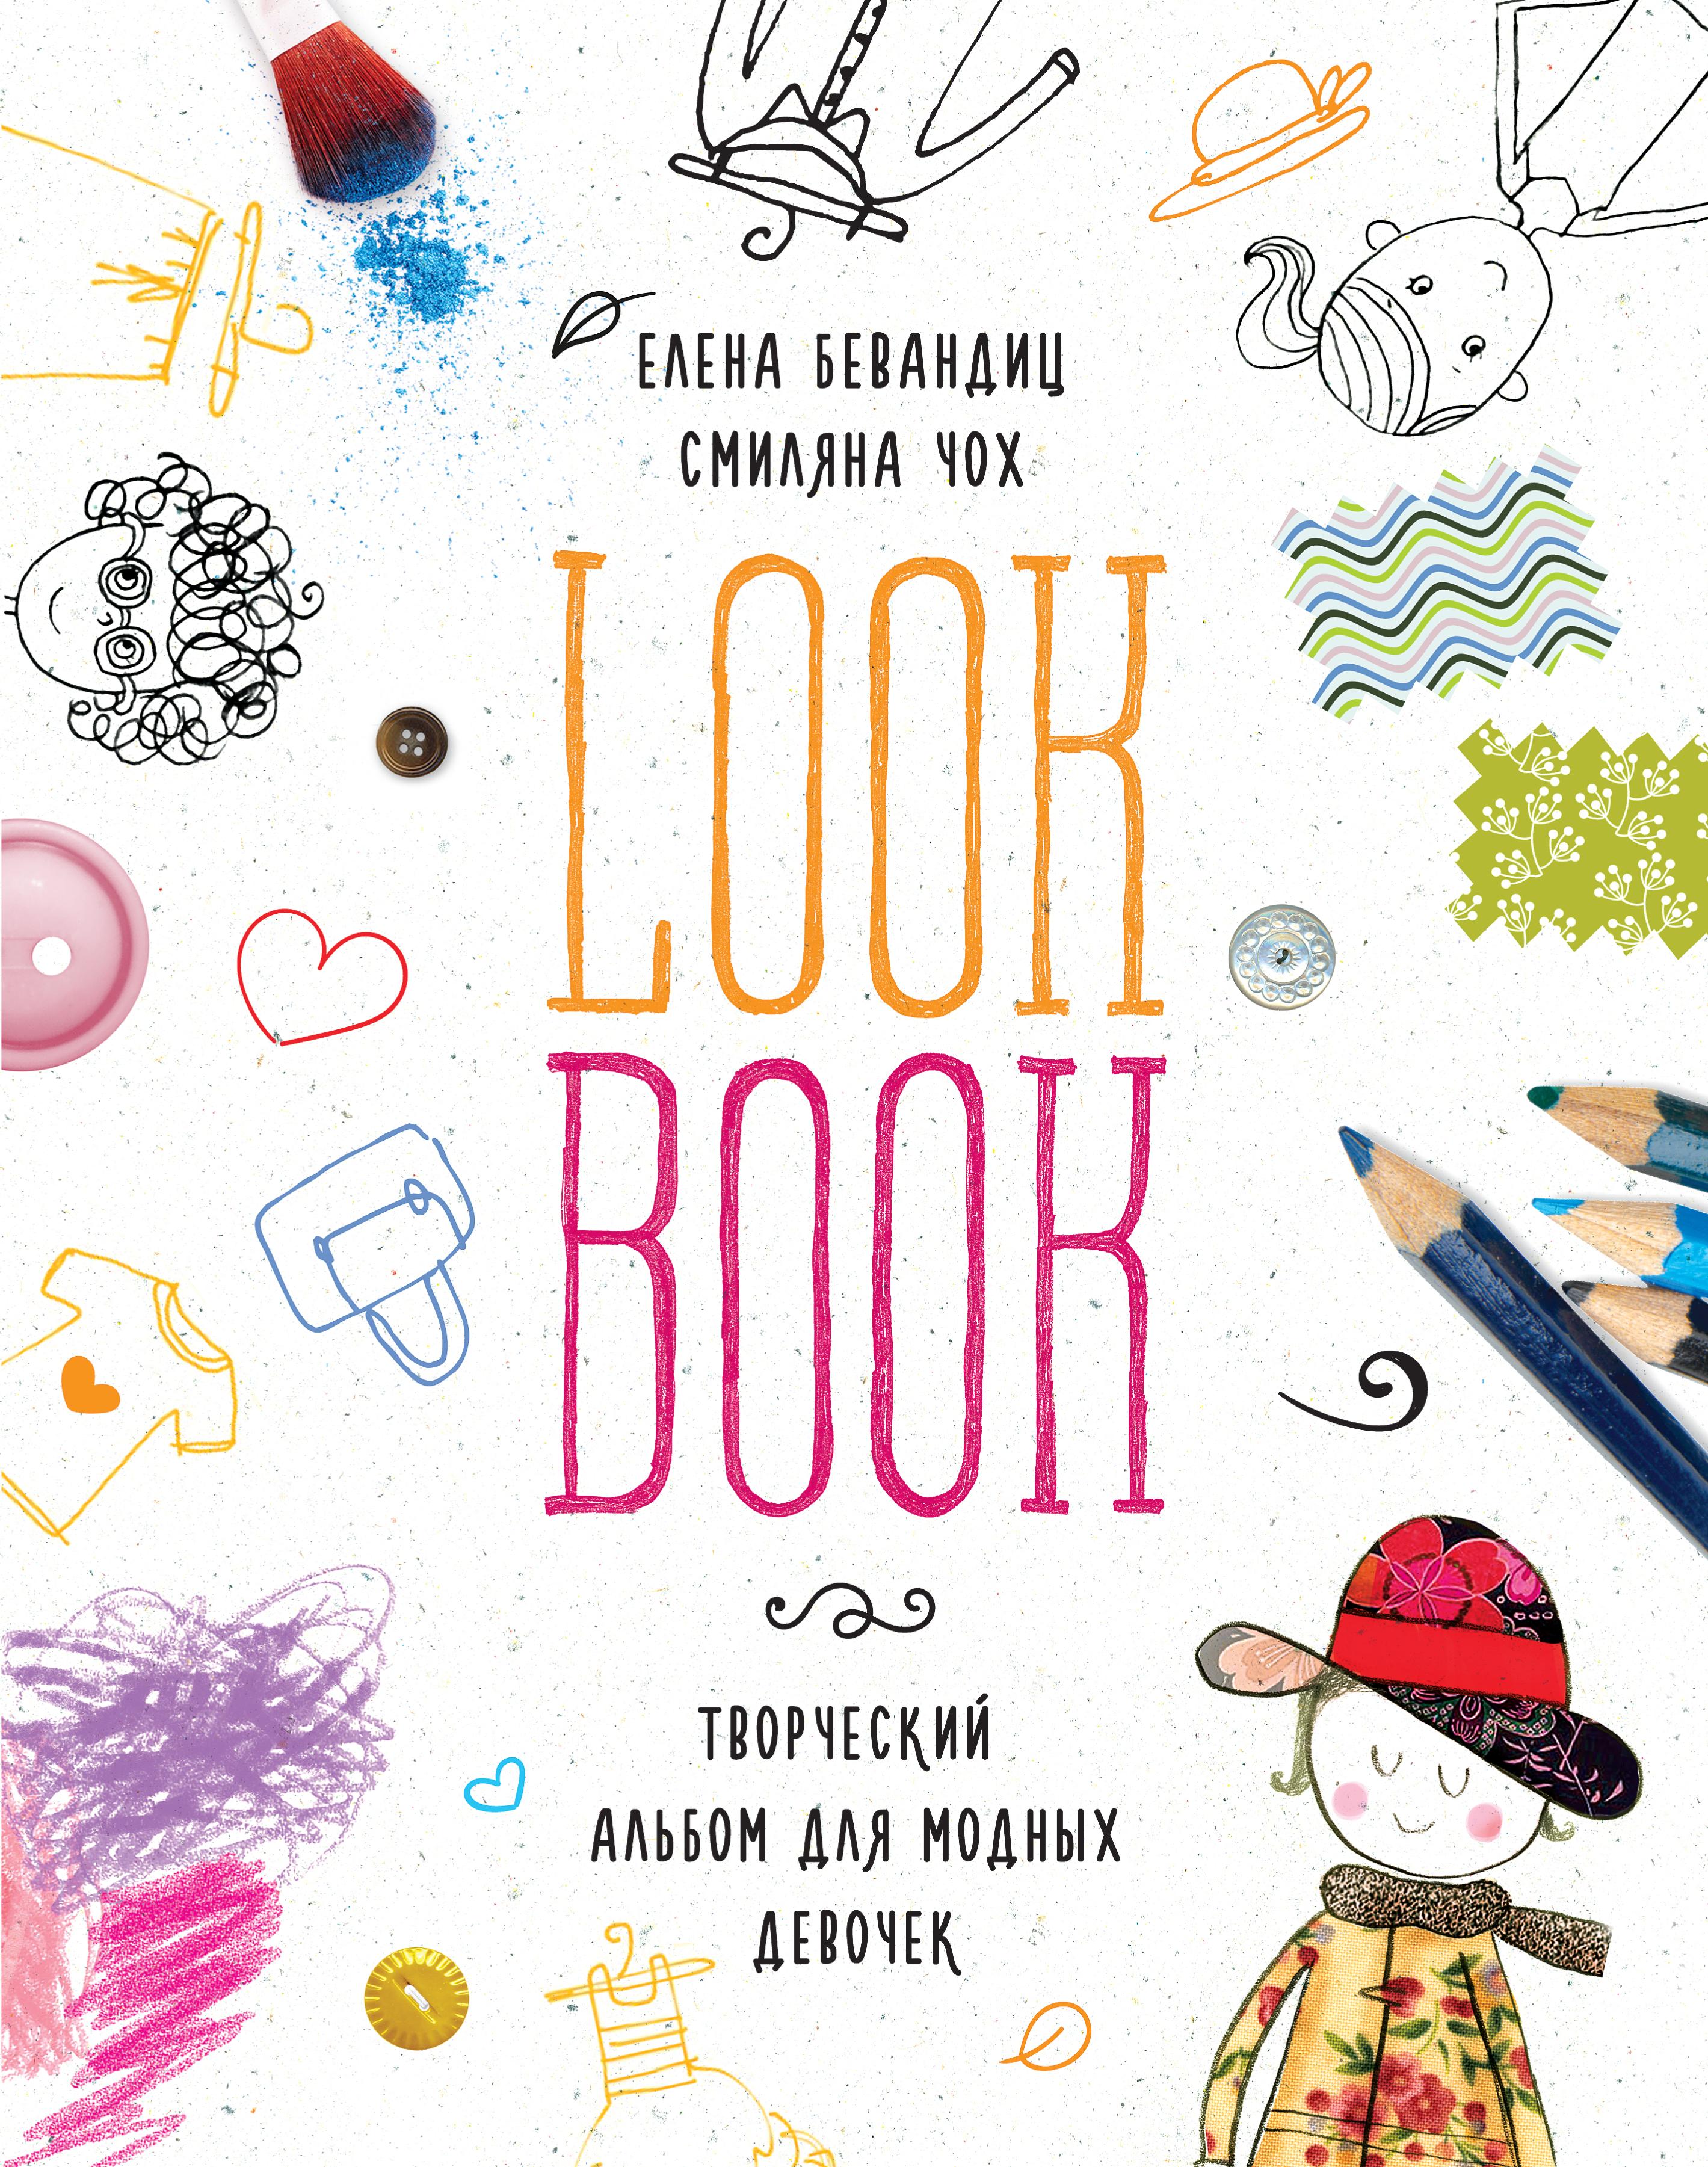 Lookbook. Творческий альбом для модных девочек